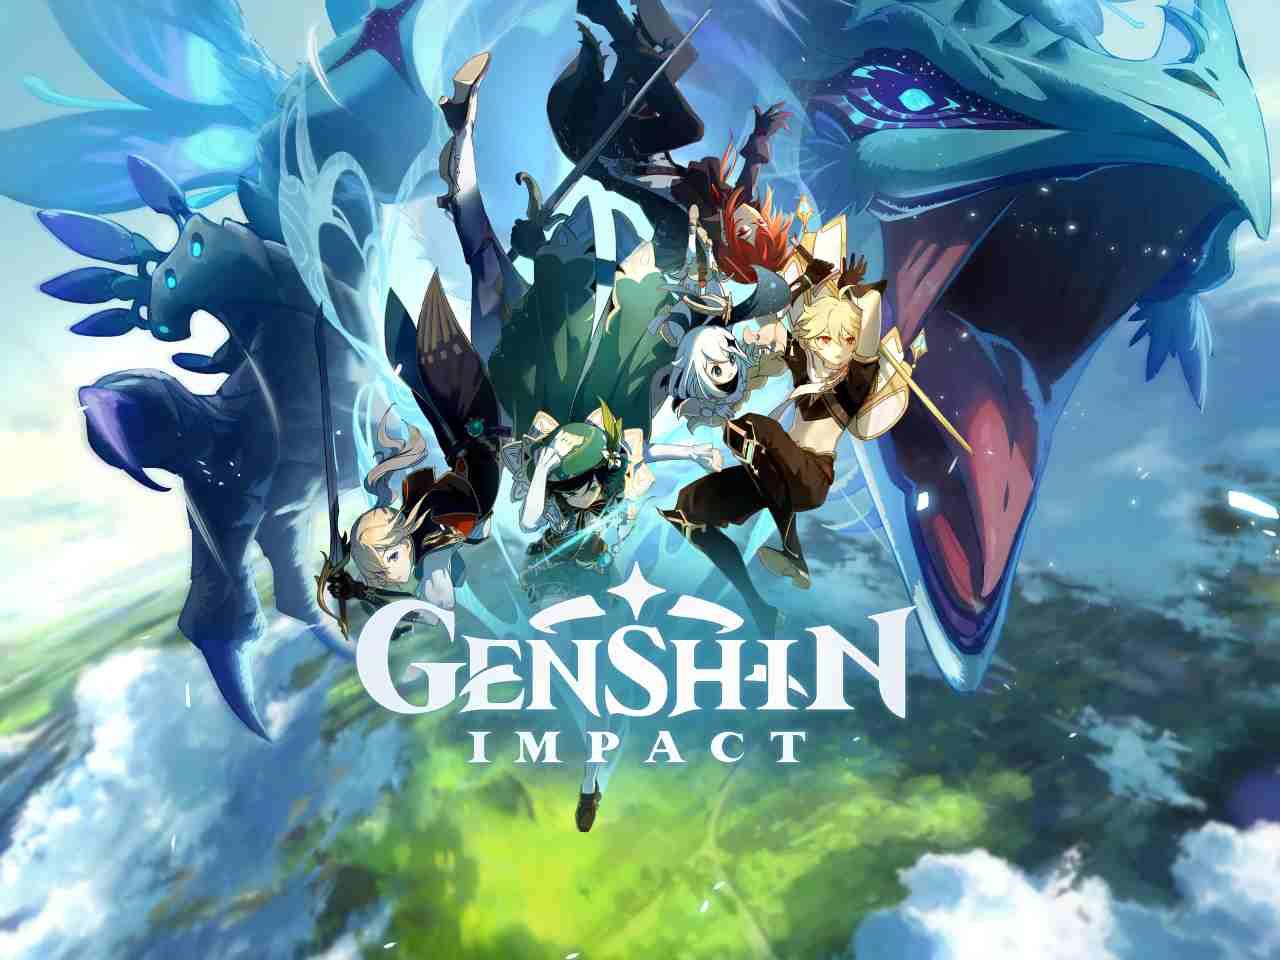 genshin impact beta 1.5